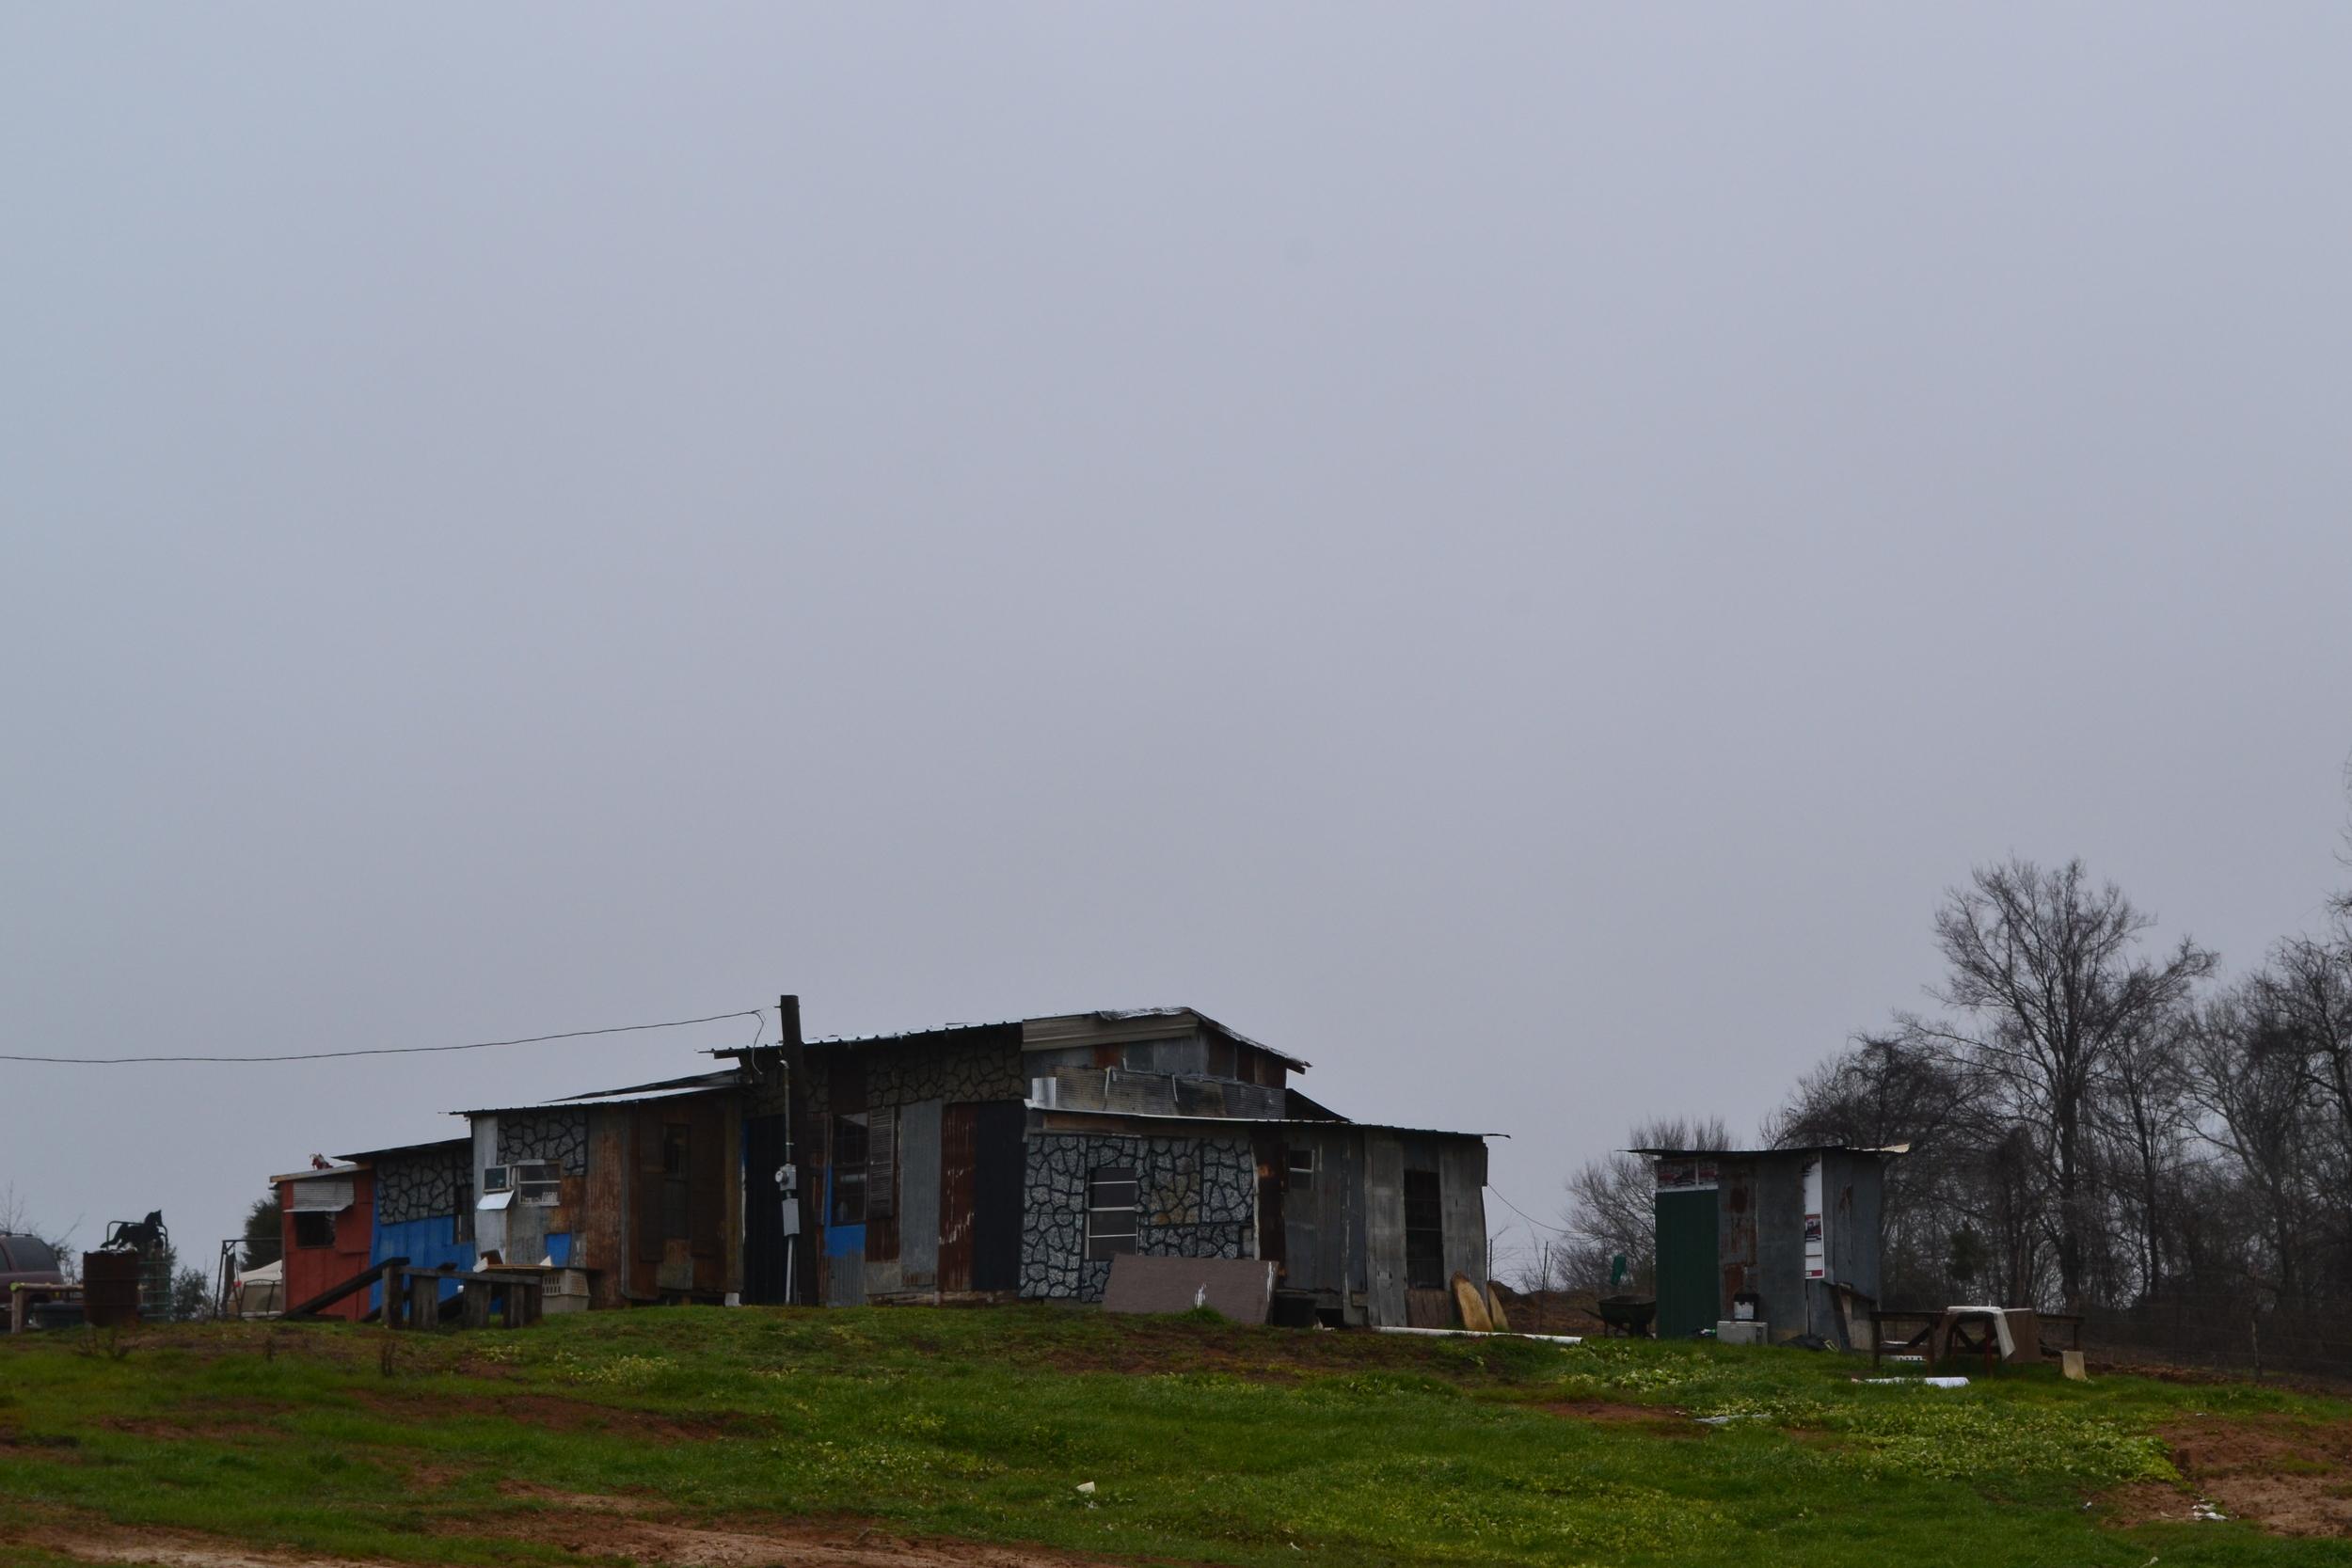 The home of Mississippi artist Joe Wrenn.